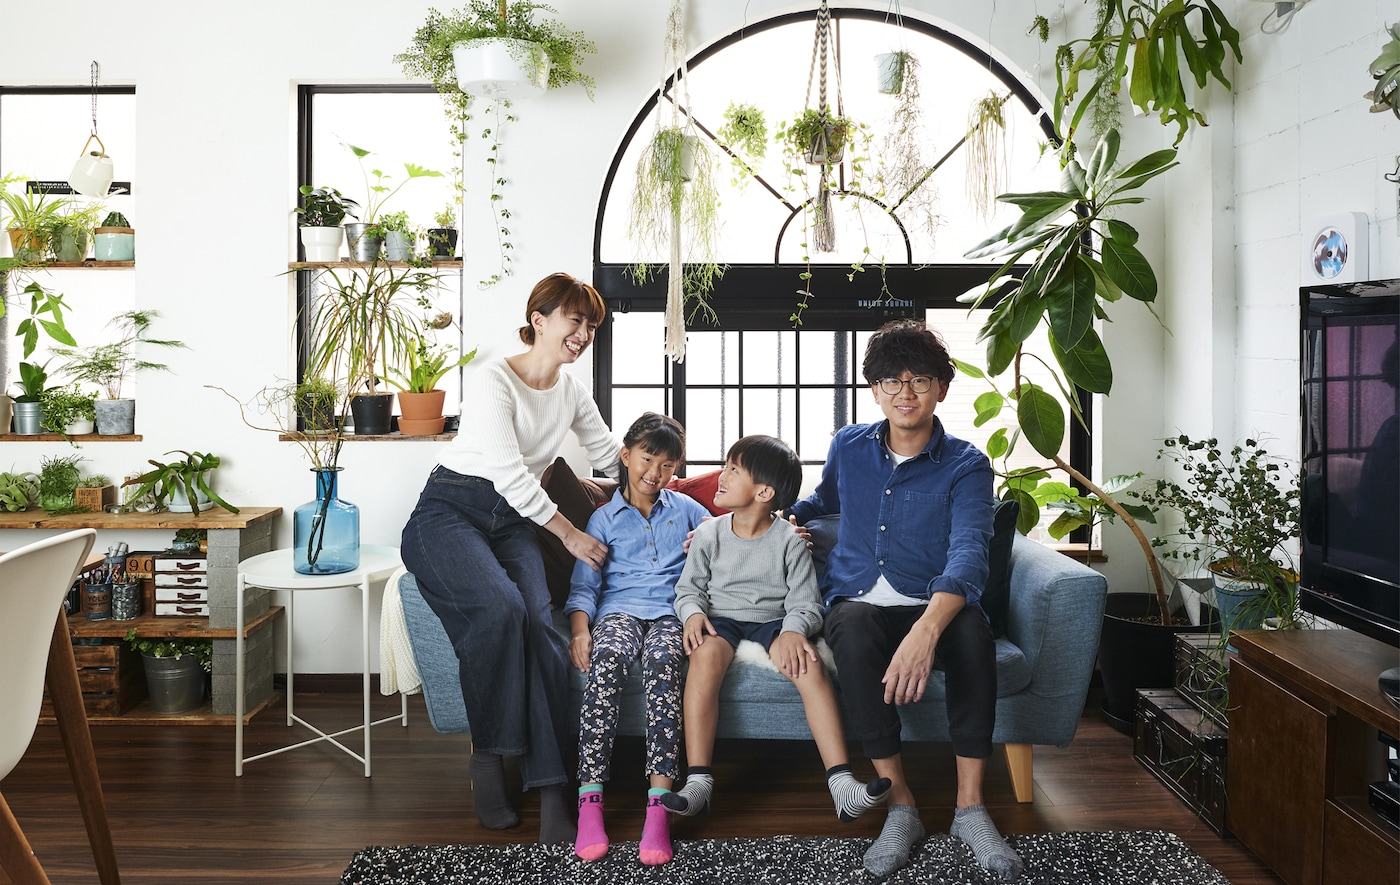 صورة هيرومي وشونسوكي وأطفالهما جالسين على كنبة والنباتات معروضة في النوافذ الخلفية.